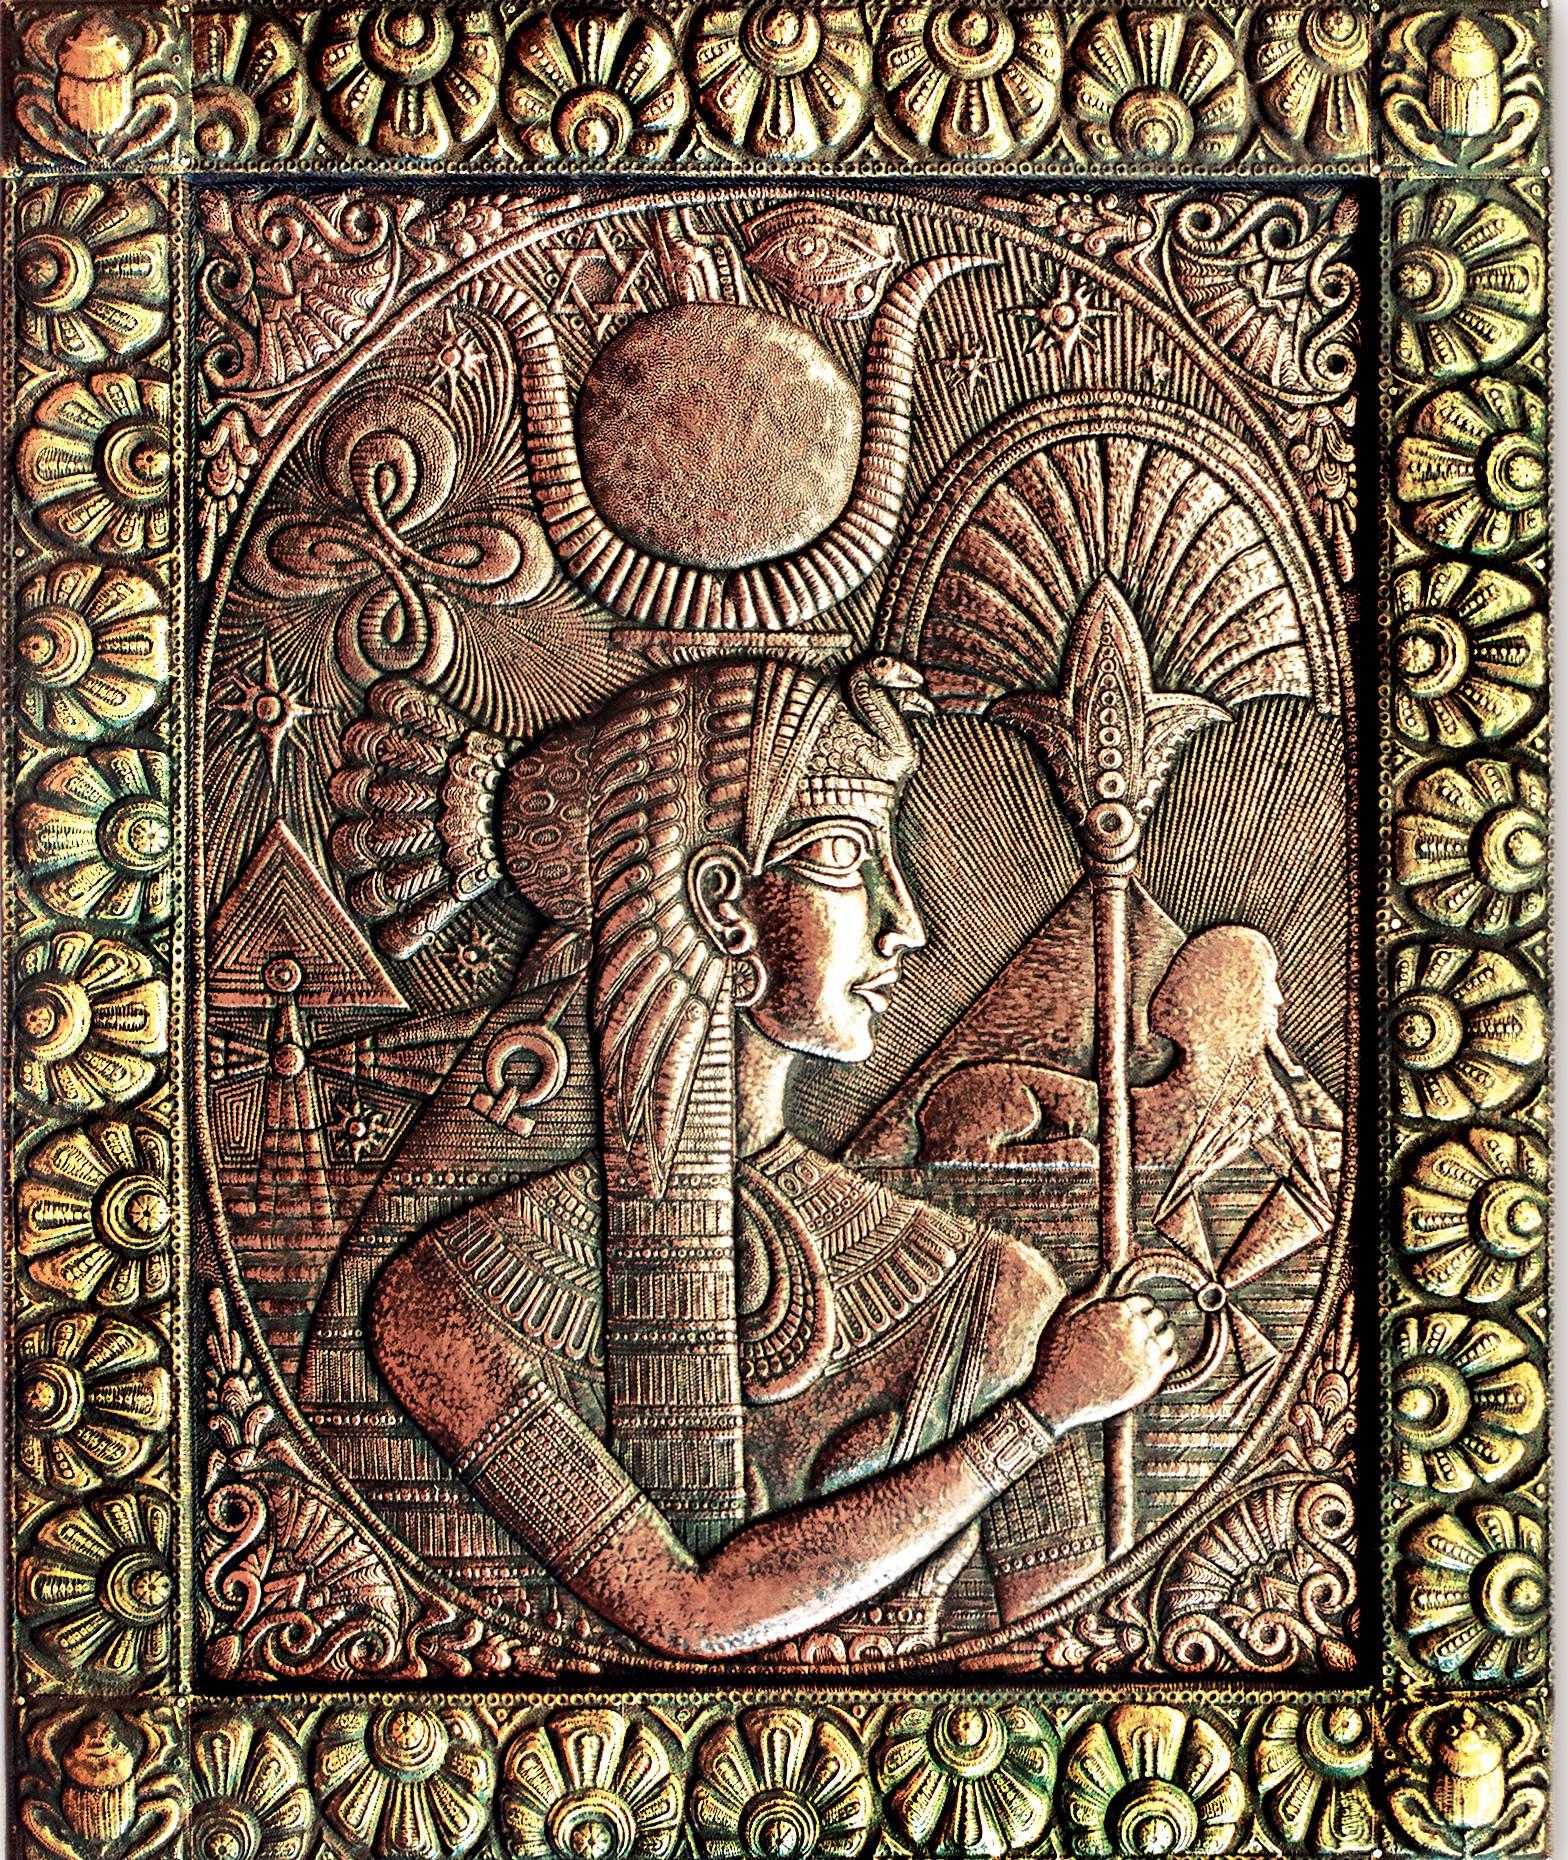 """Изида (панно из триптиха """"Великие богини) 1997 г. Медь, латунь; чернение. 90 х 70 см"""